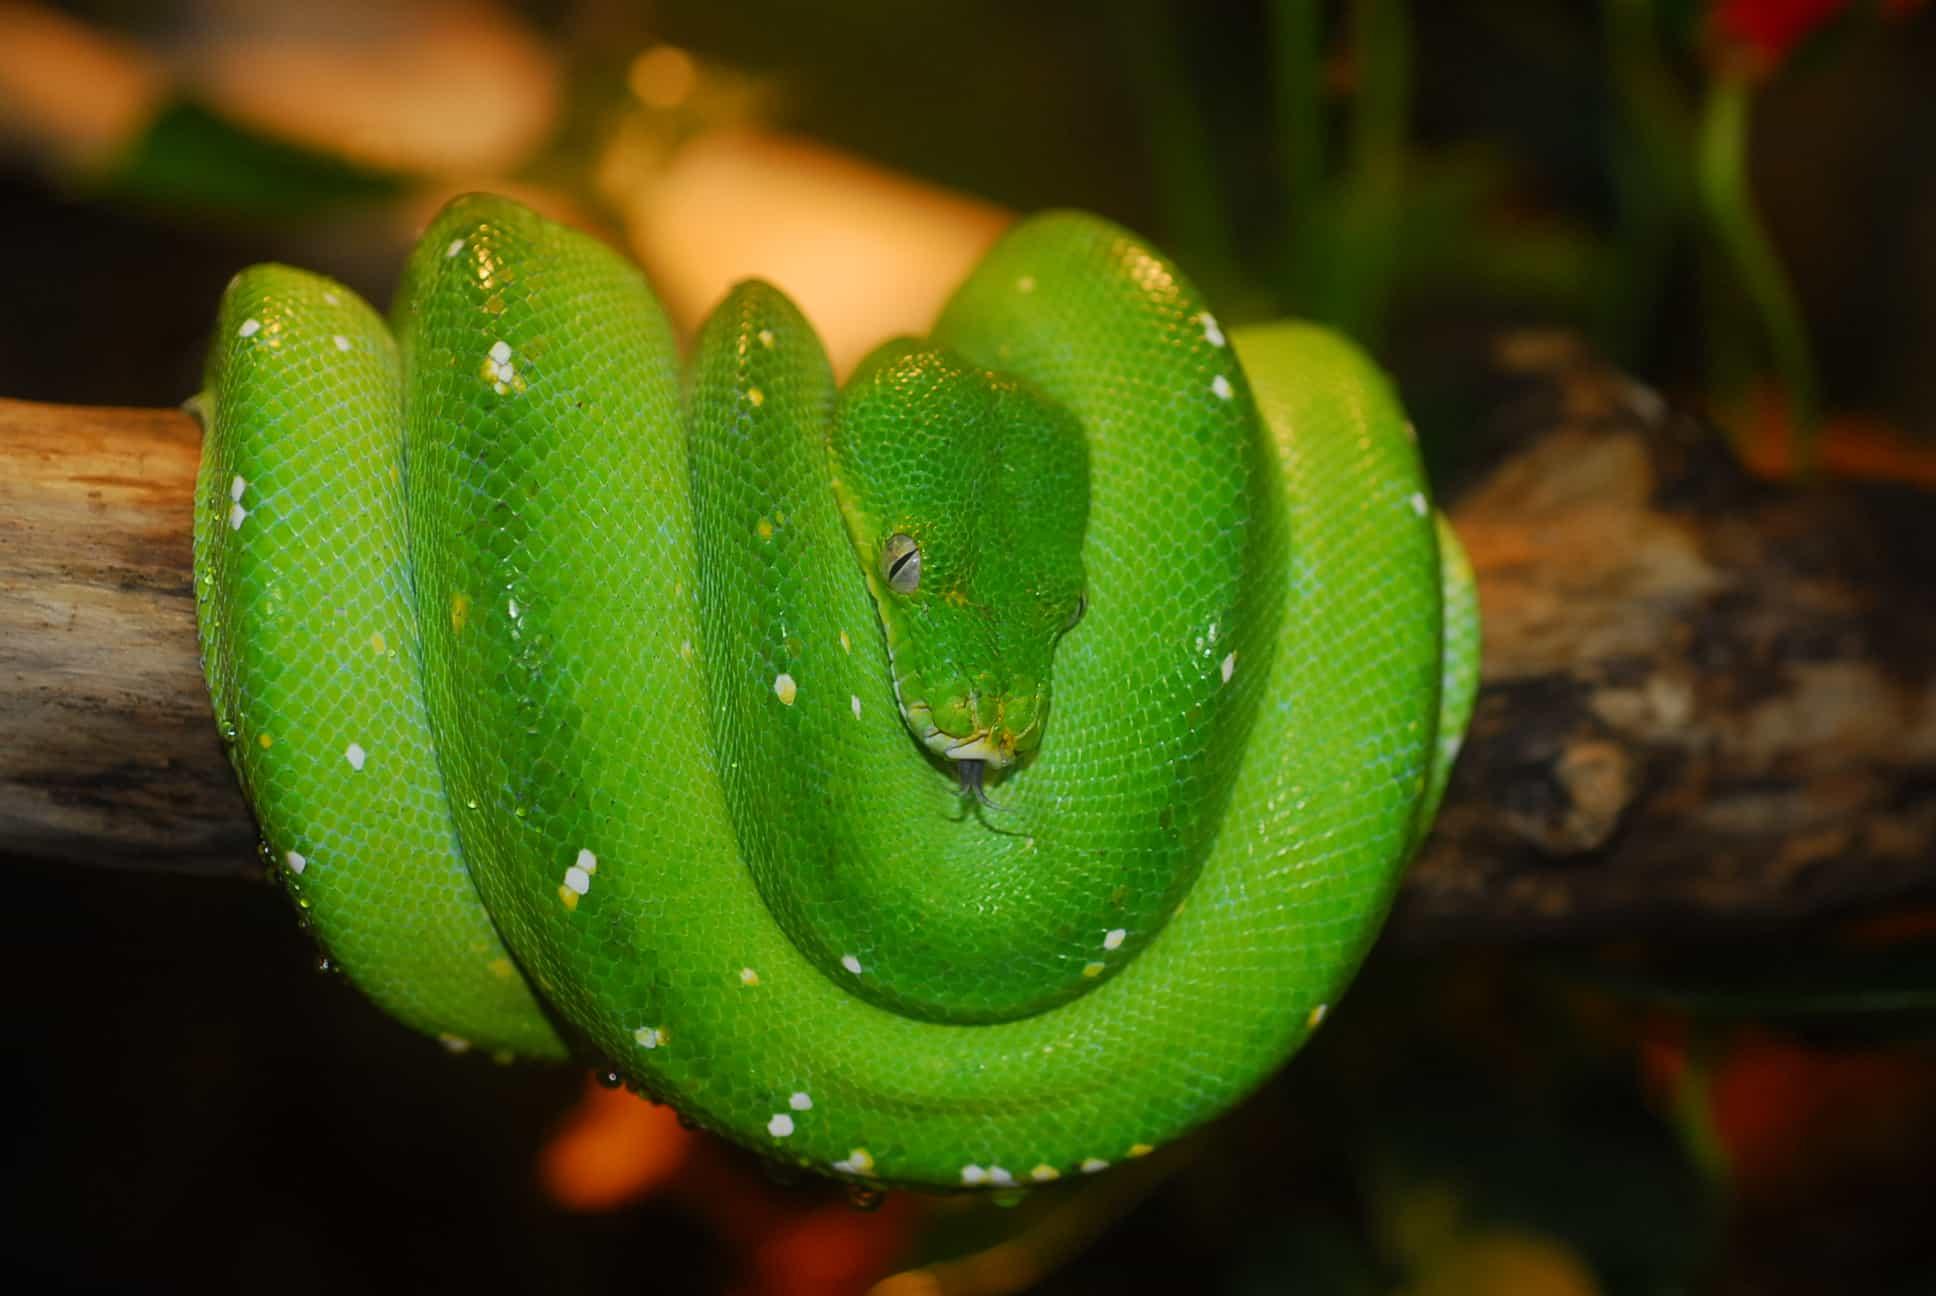 Schlangen für Tierpatenschaften im Reptilienzoo Happ in Österreich